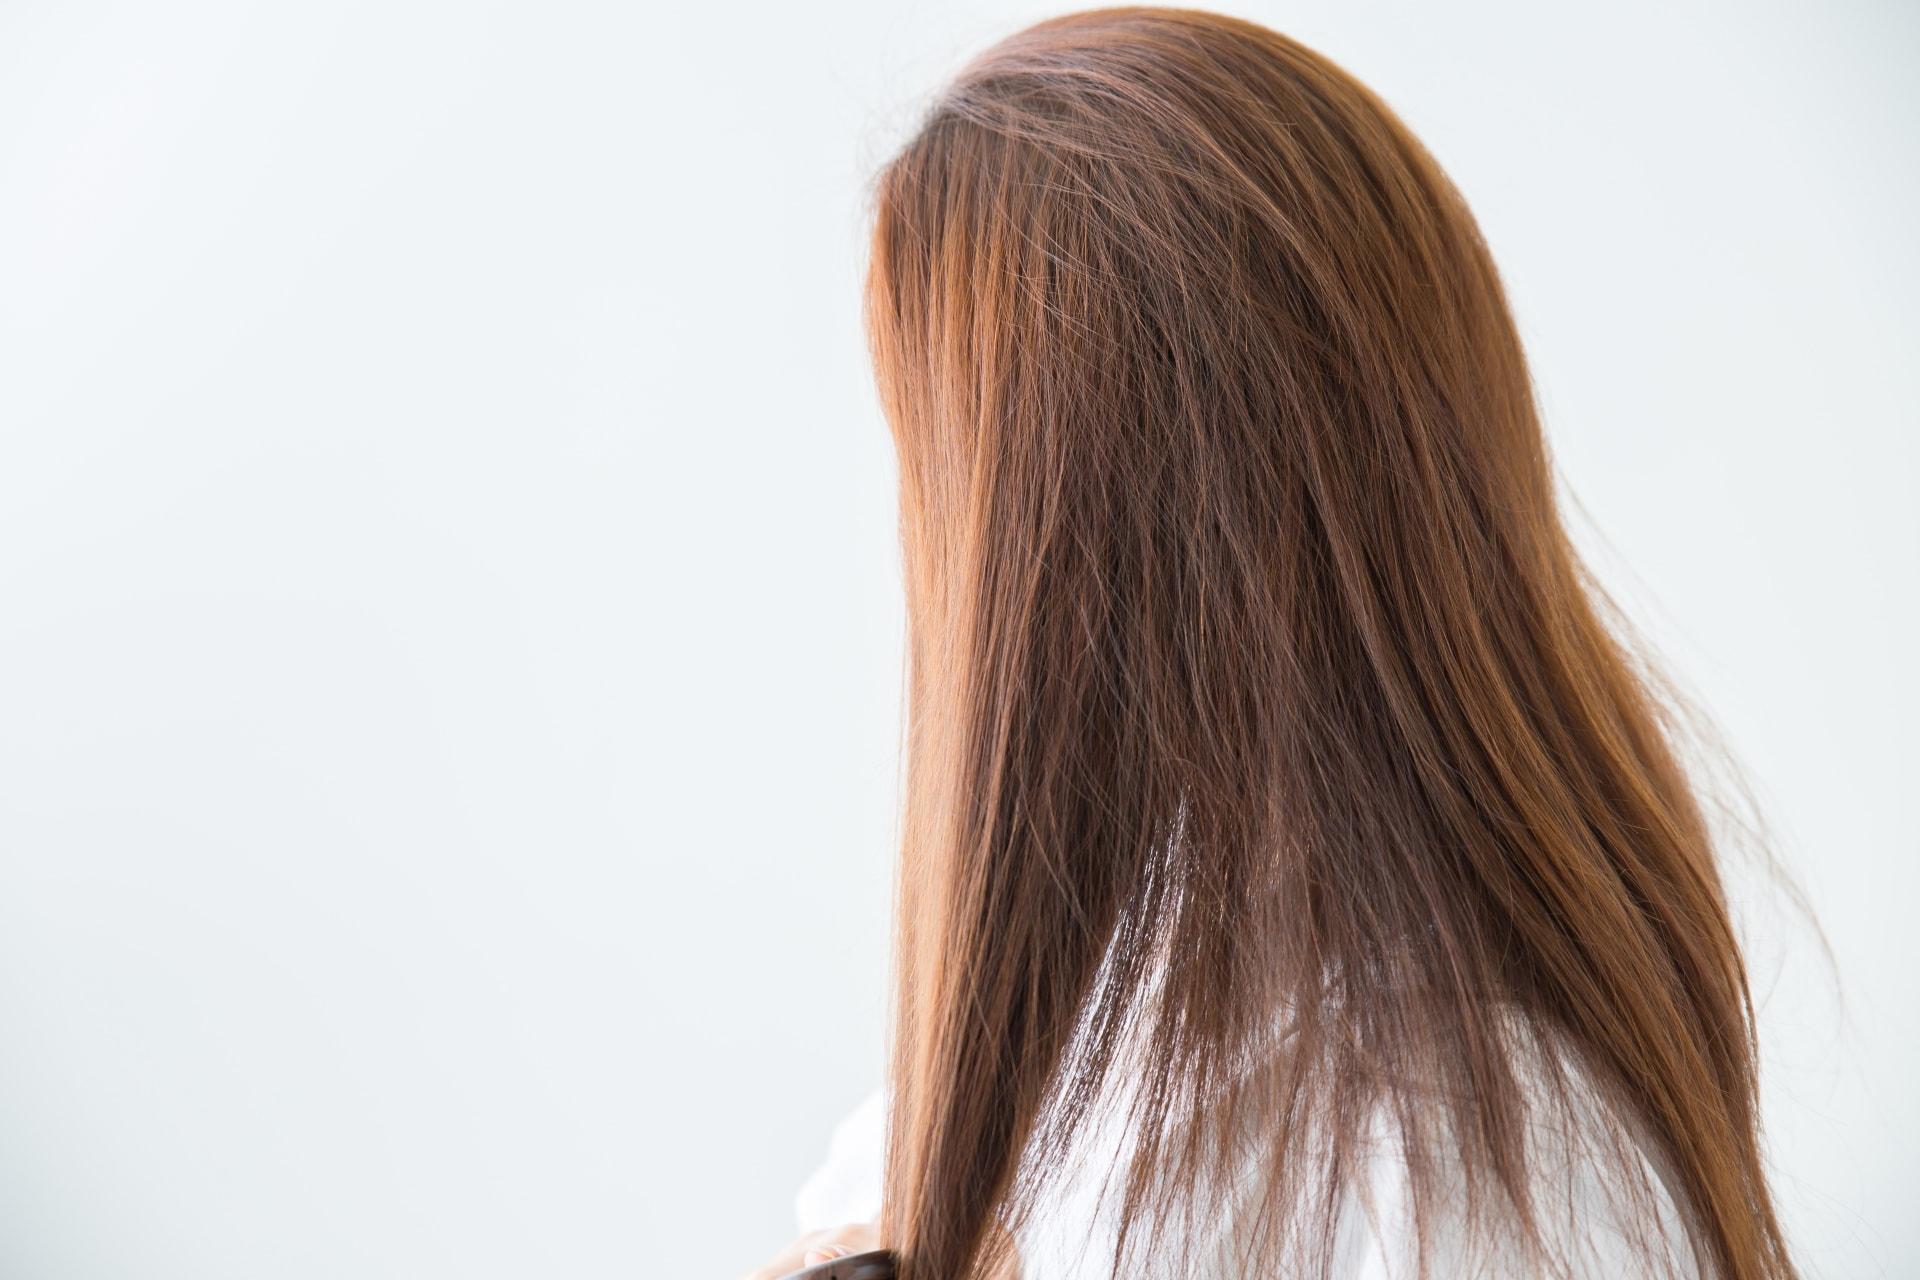 【女性の薄毛】女性の薄毛は皮膚科に行った方が良いの?